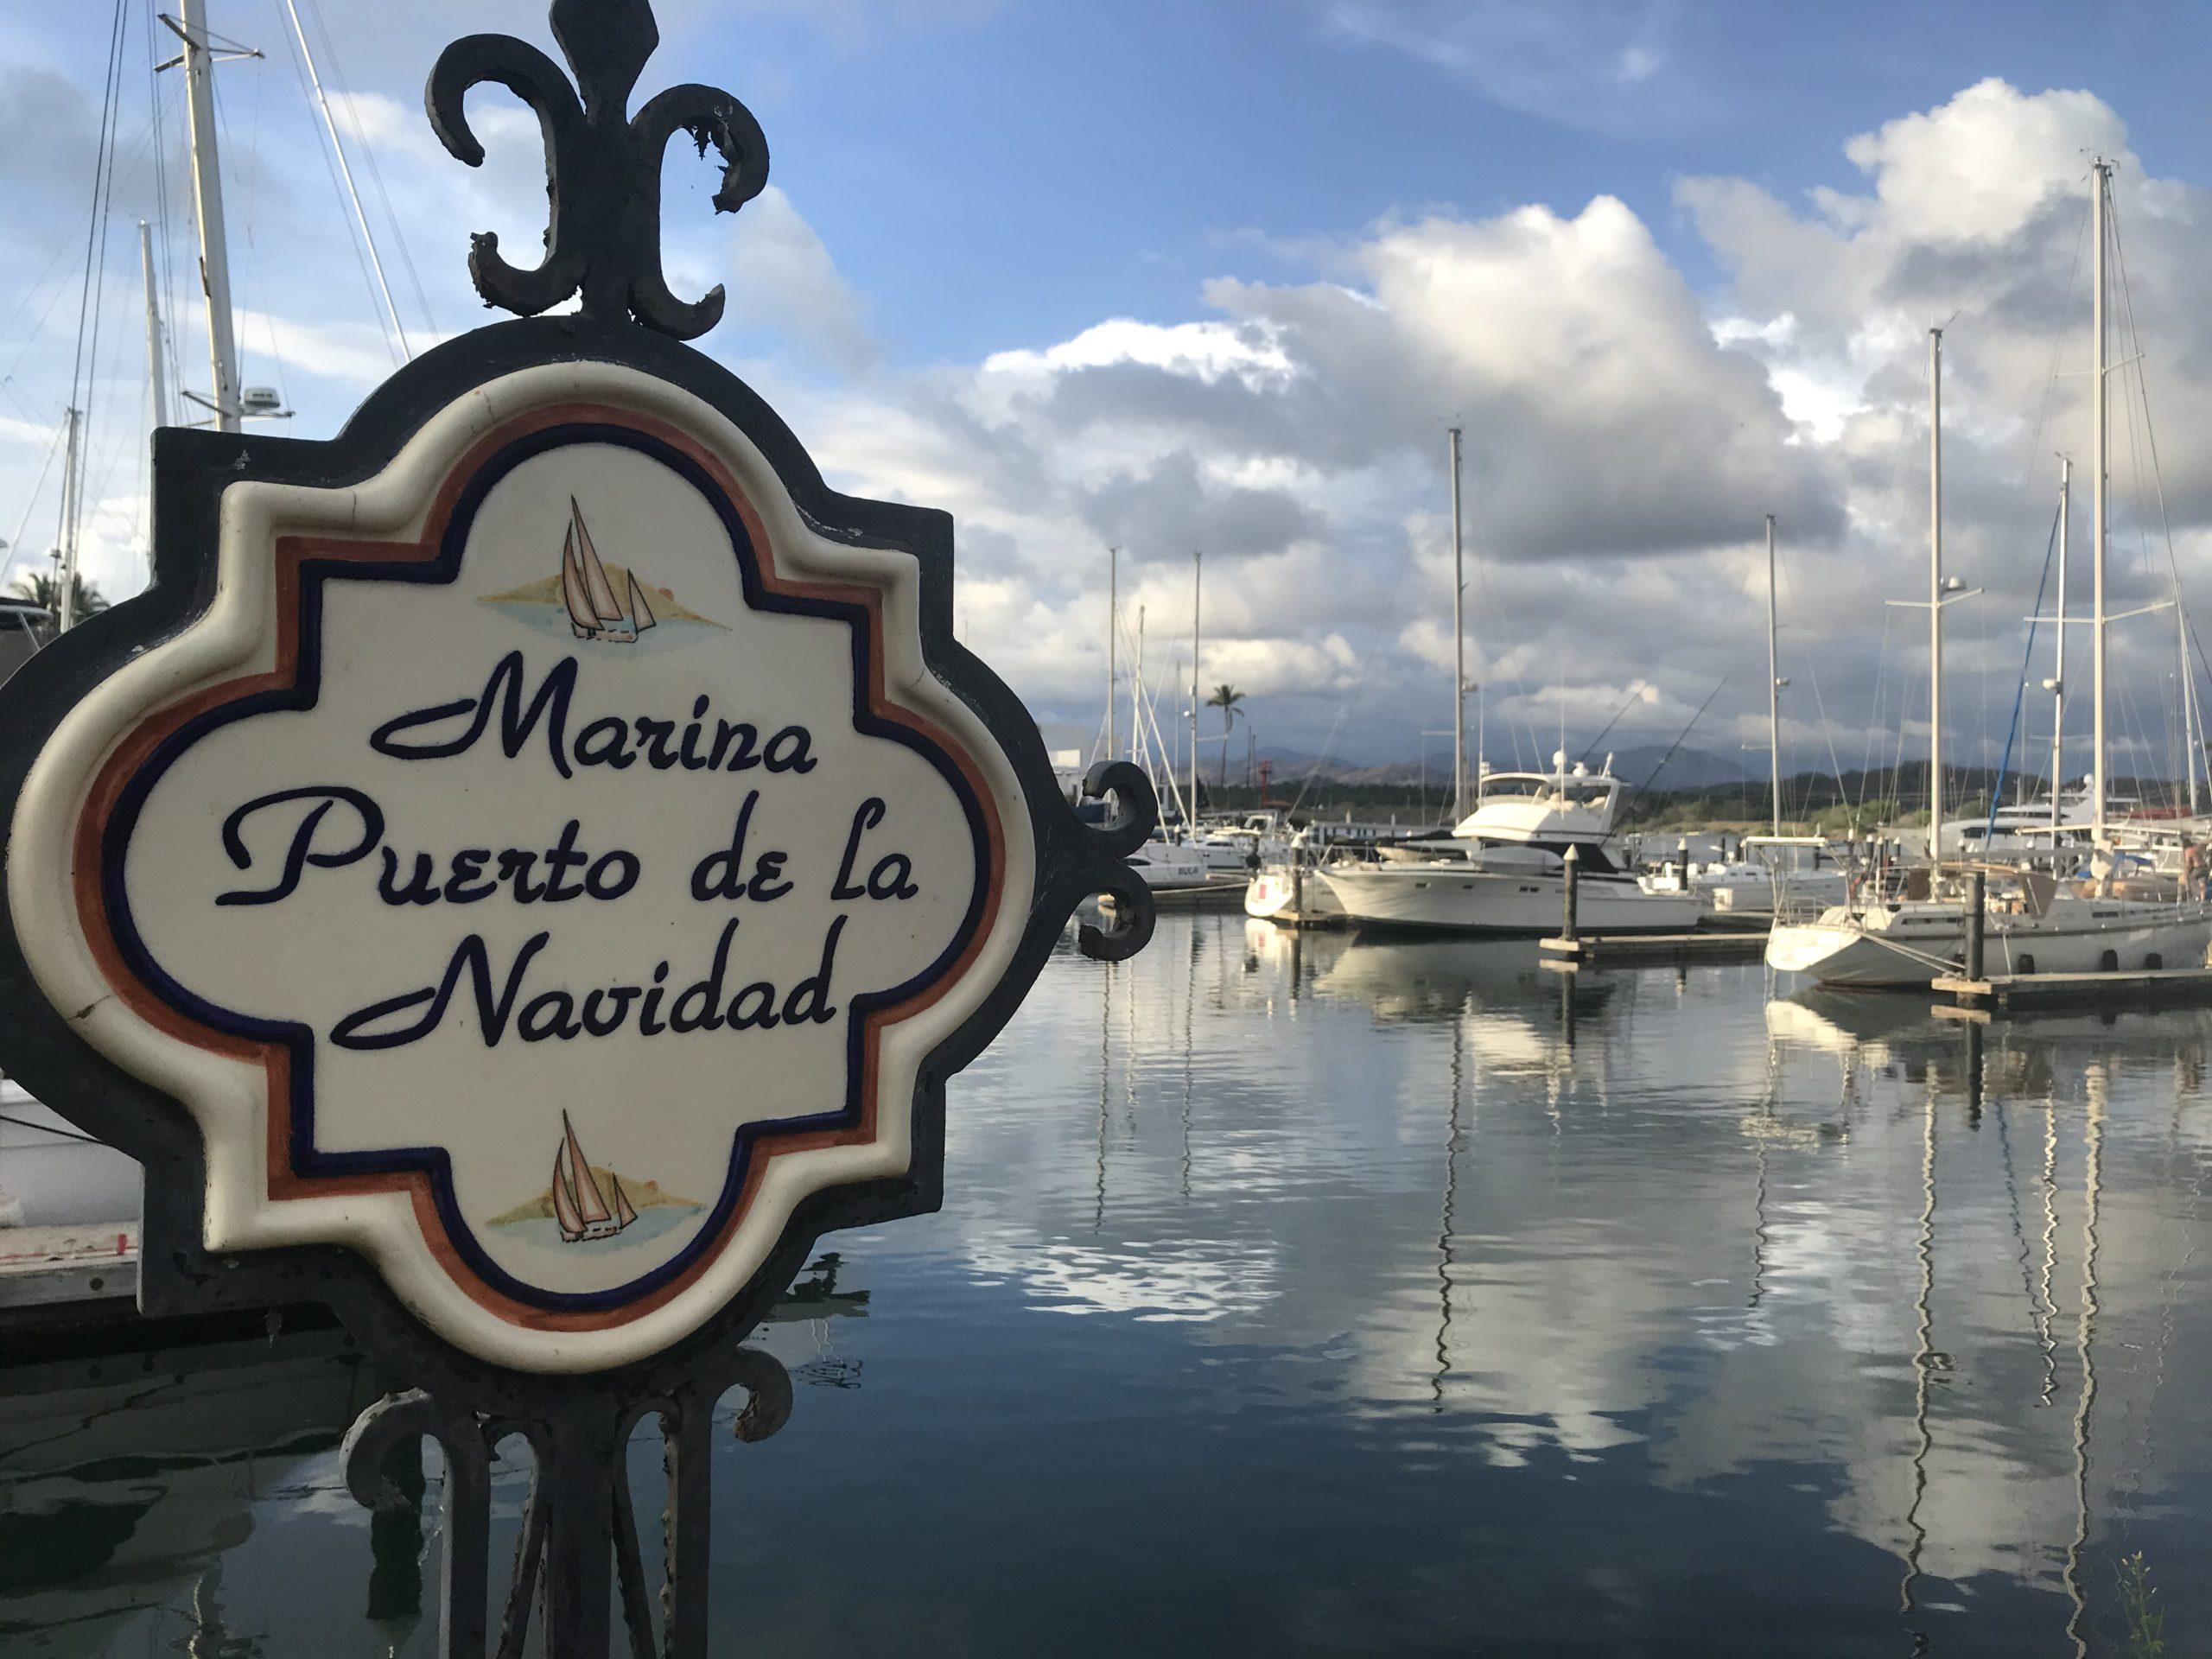 Zihuatanejo and Puerto de la Navidad